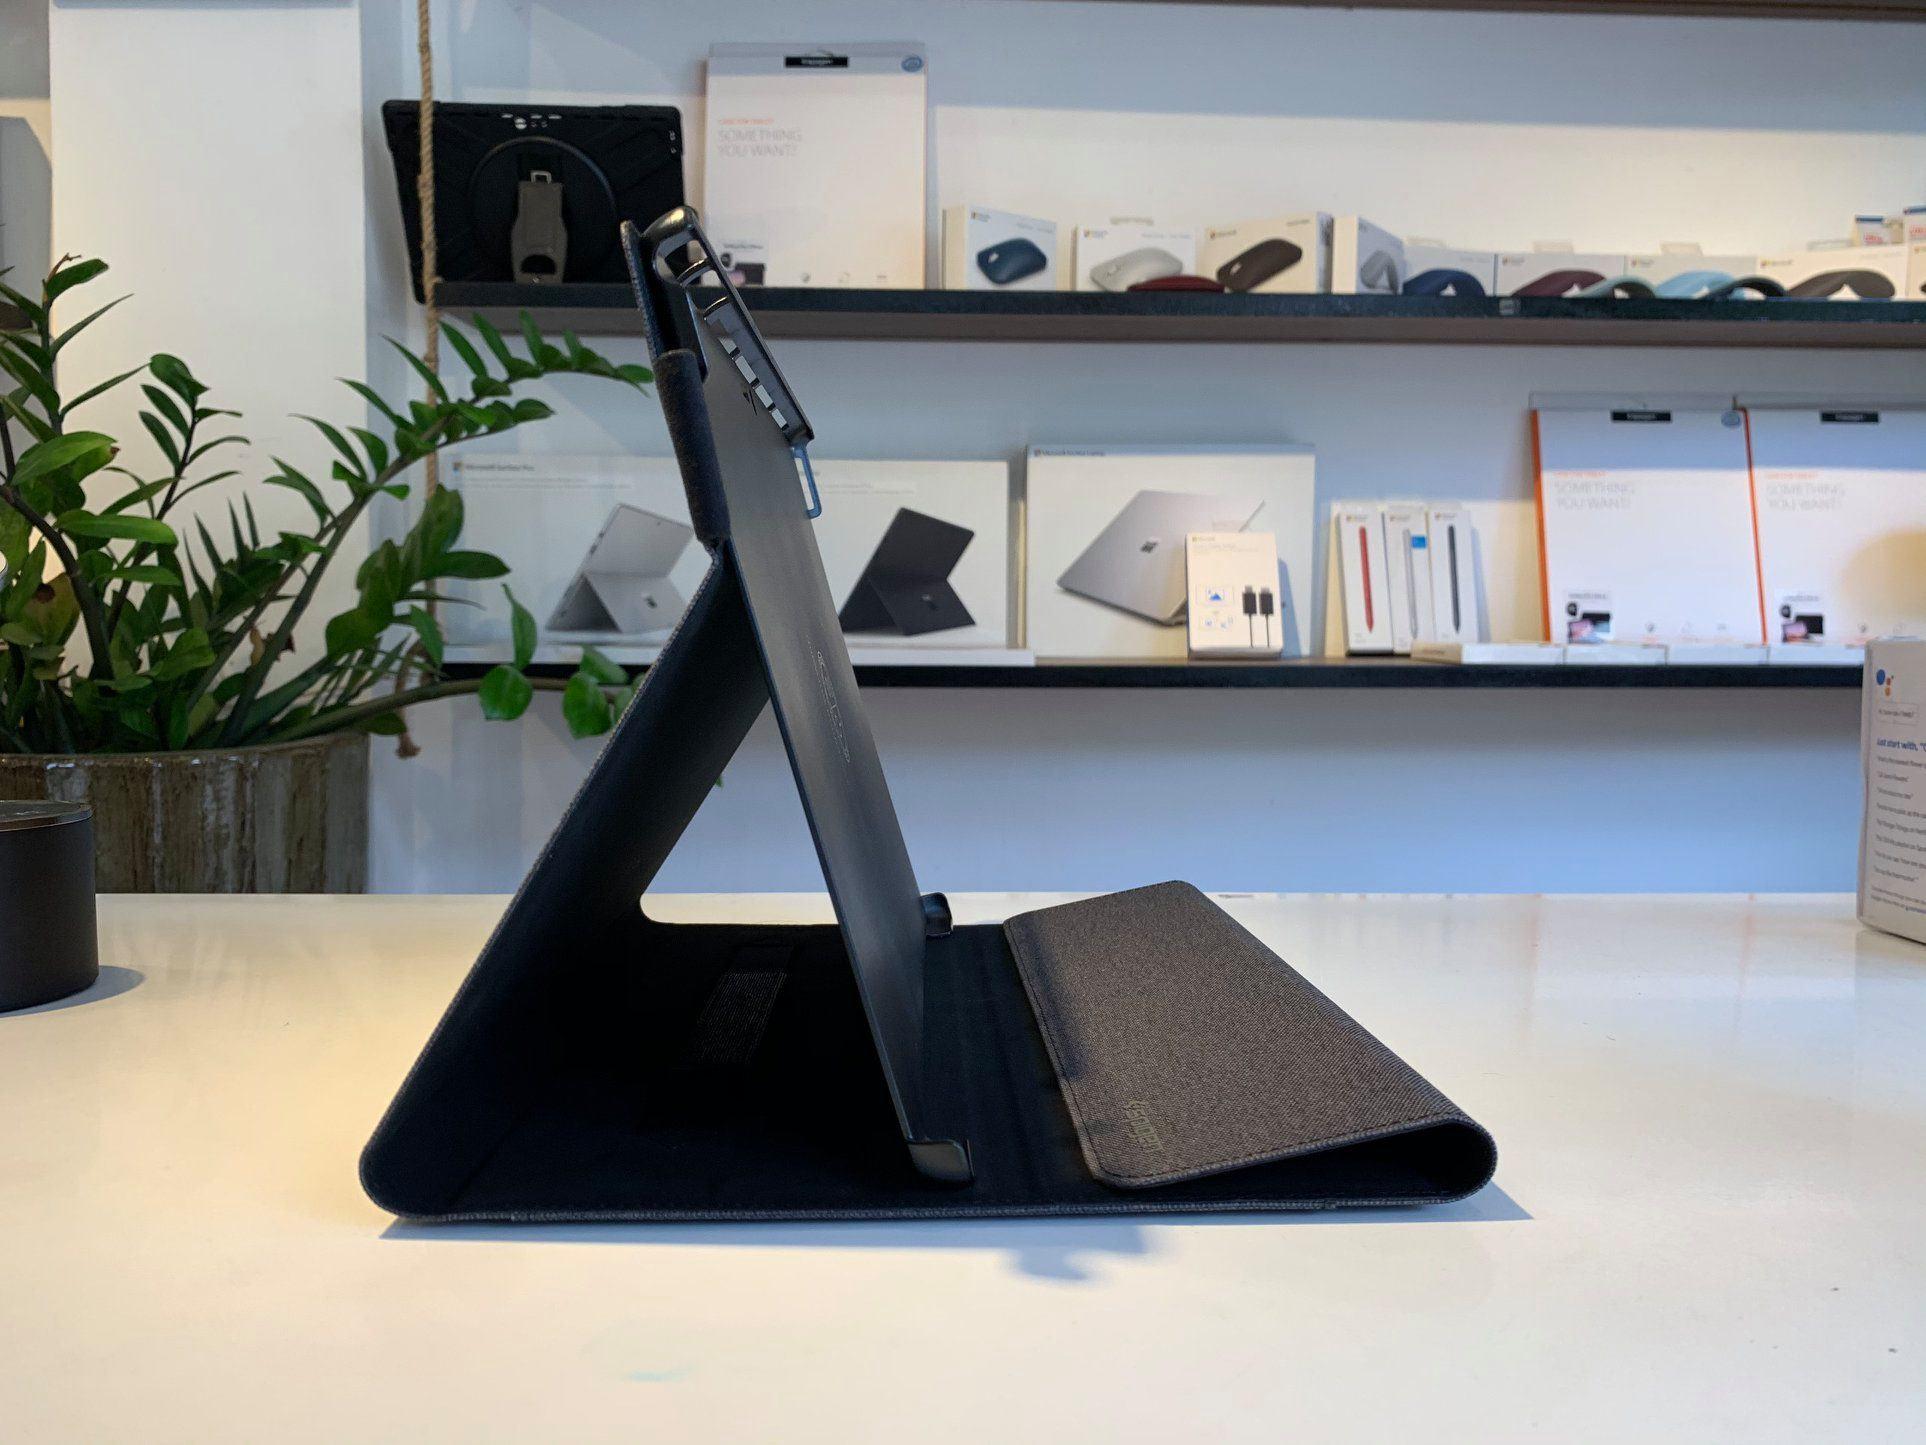 Ốp lưng Spigen Surface Pro Stand Folio - Hàng chính hãng 27